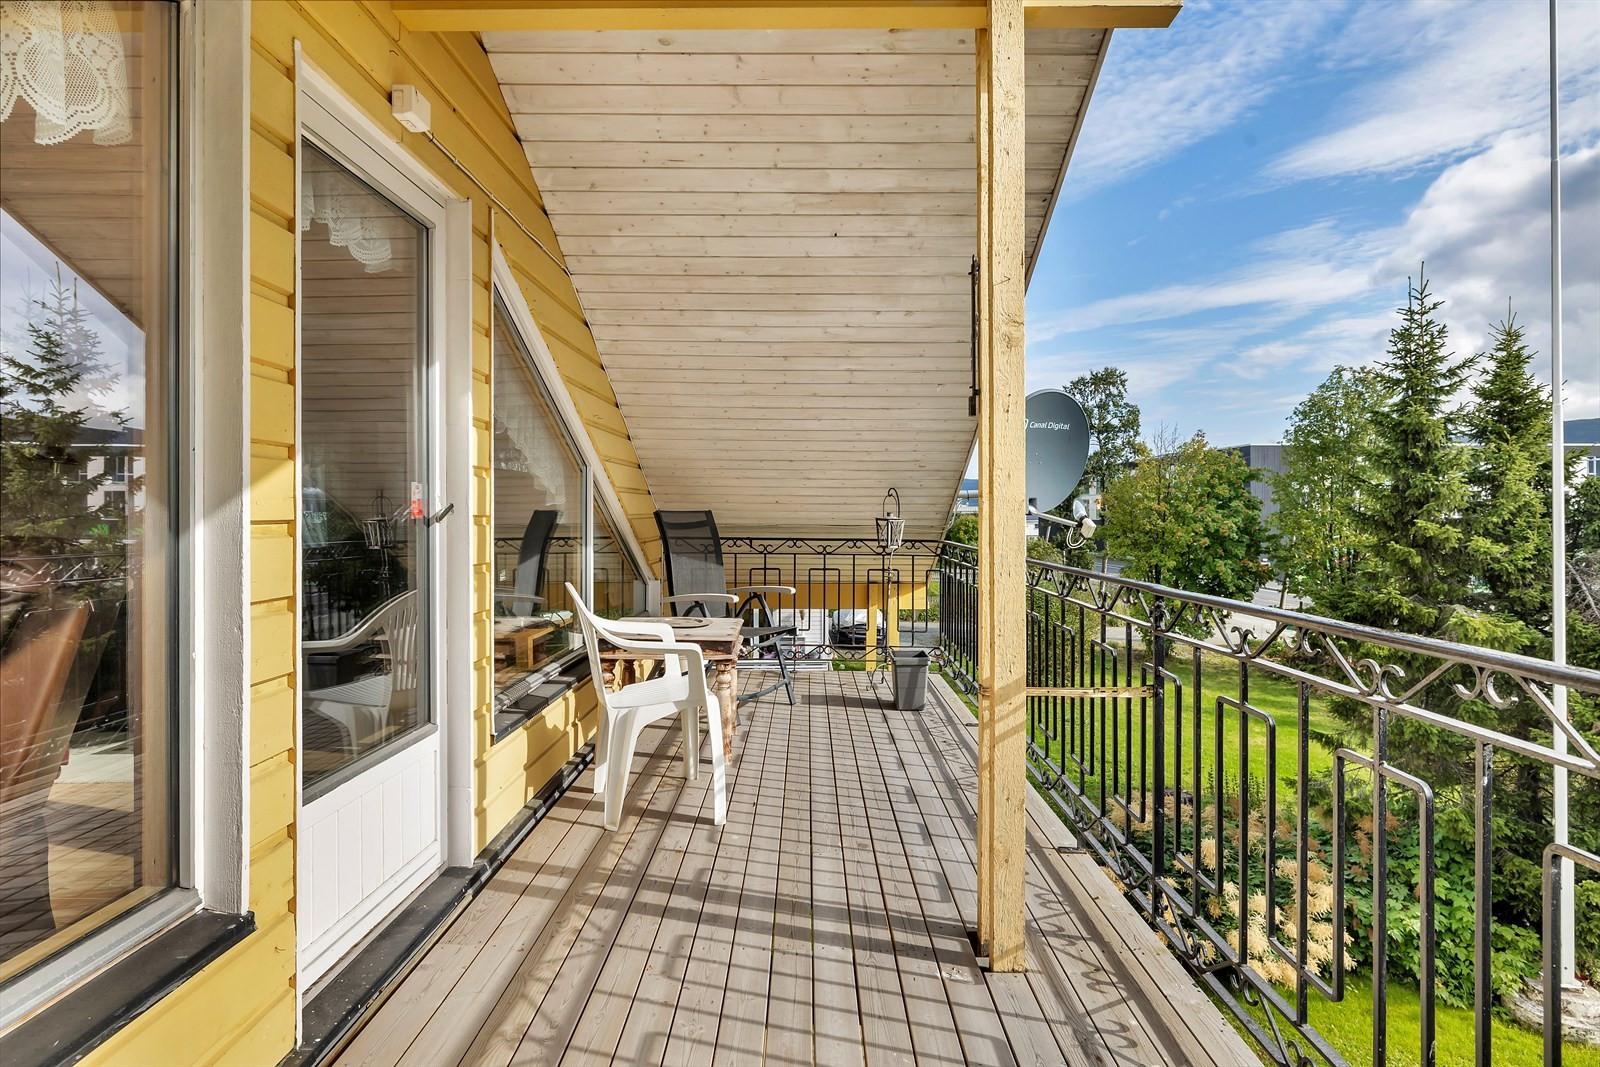 Takoverbygget veranda med utgang via balkongdør fra loftet